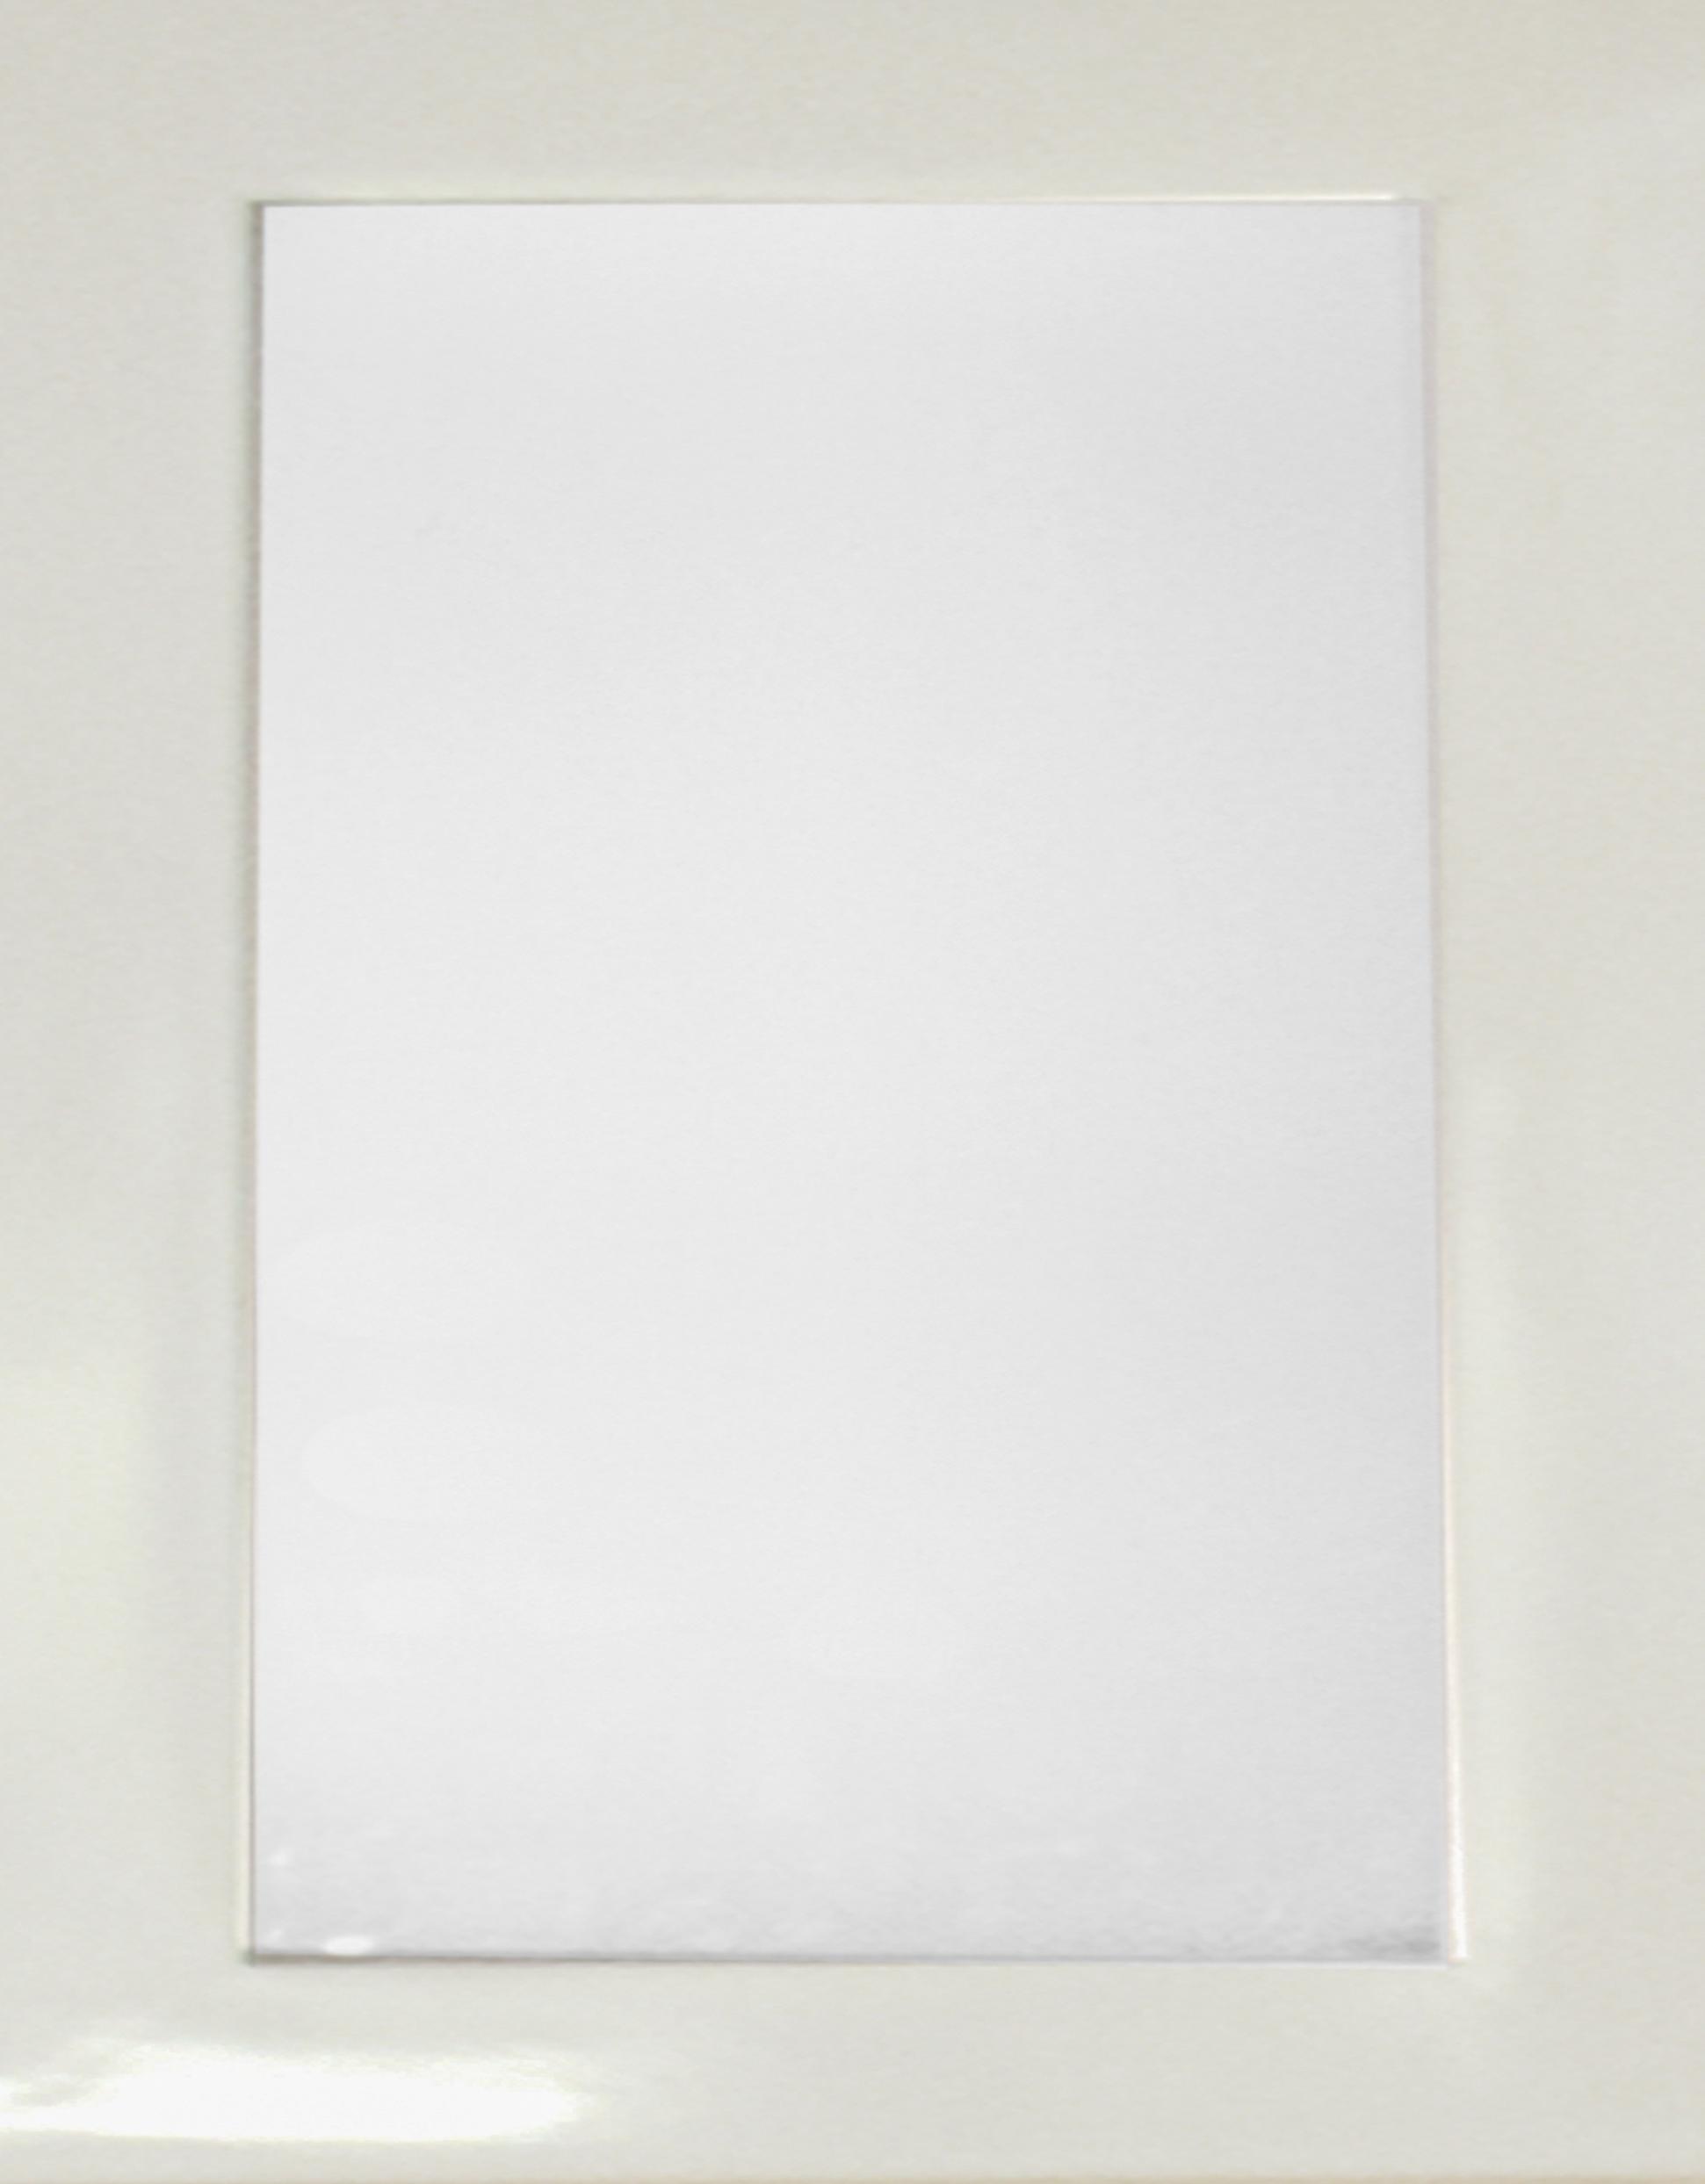 Светильник встраиваемый LEDER BS555/B625x325